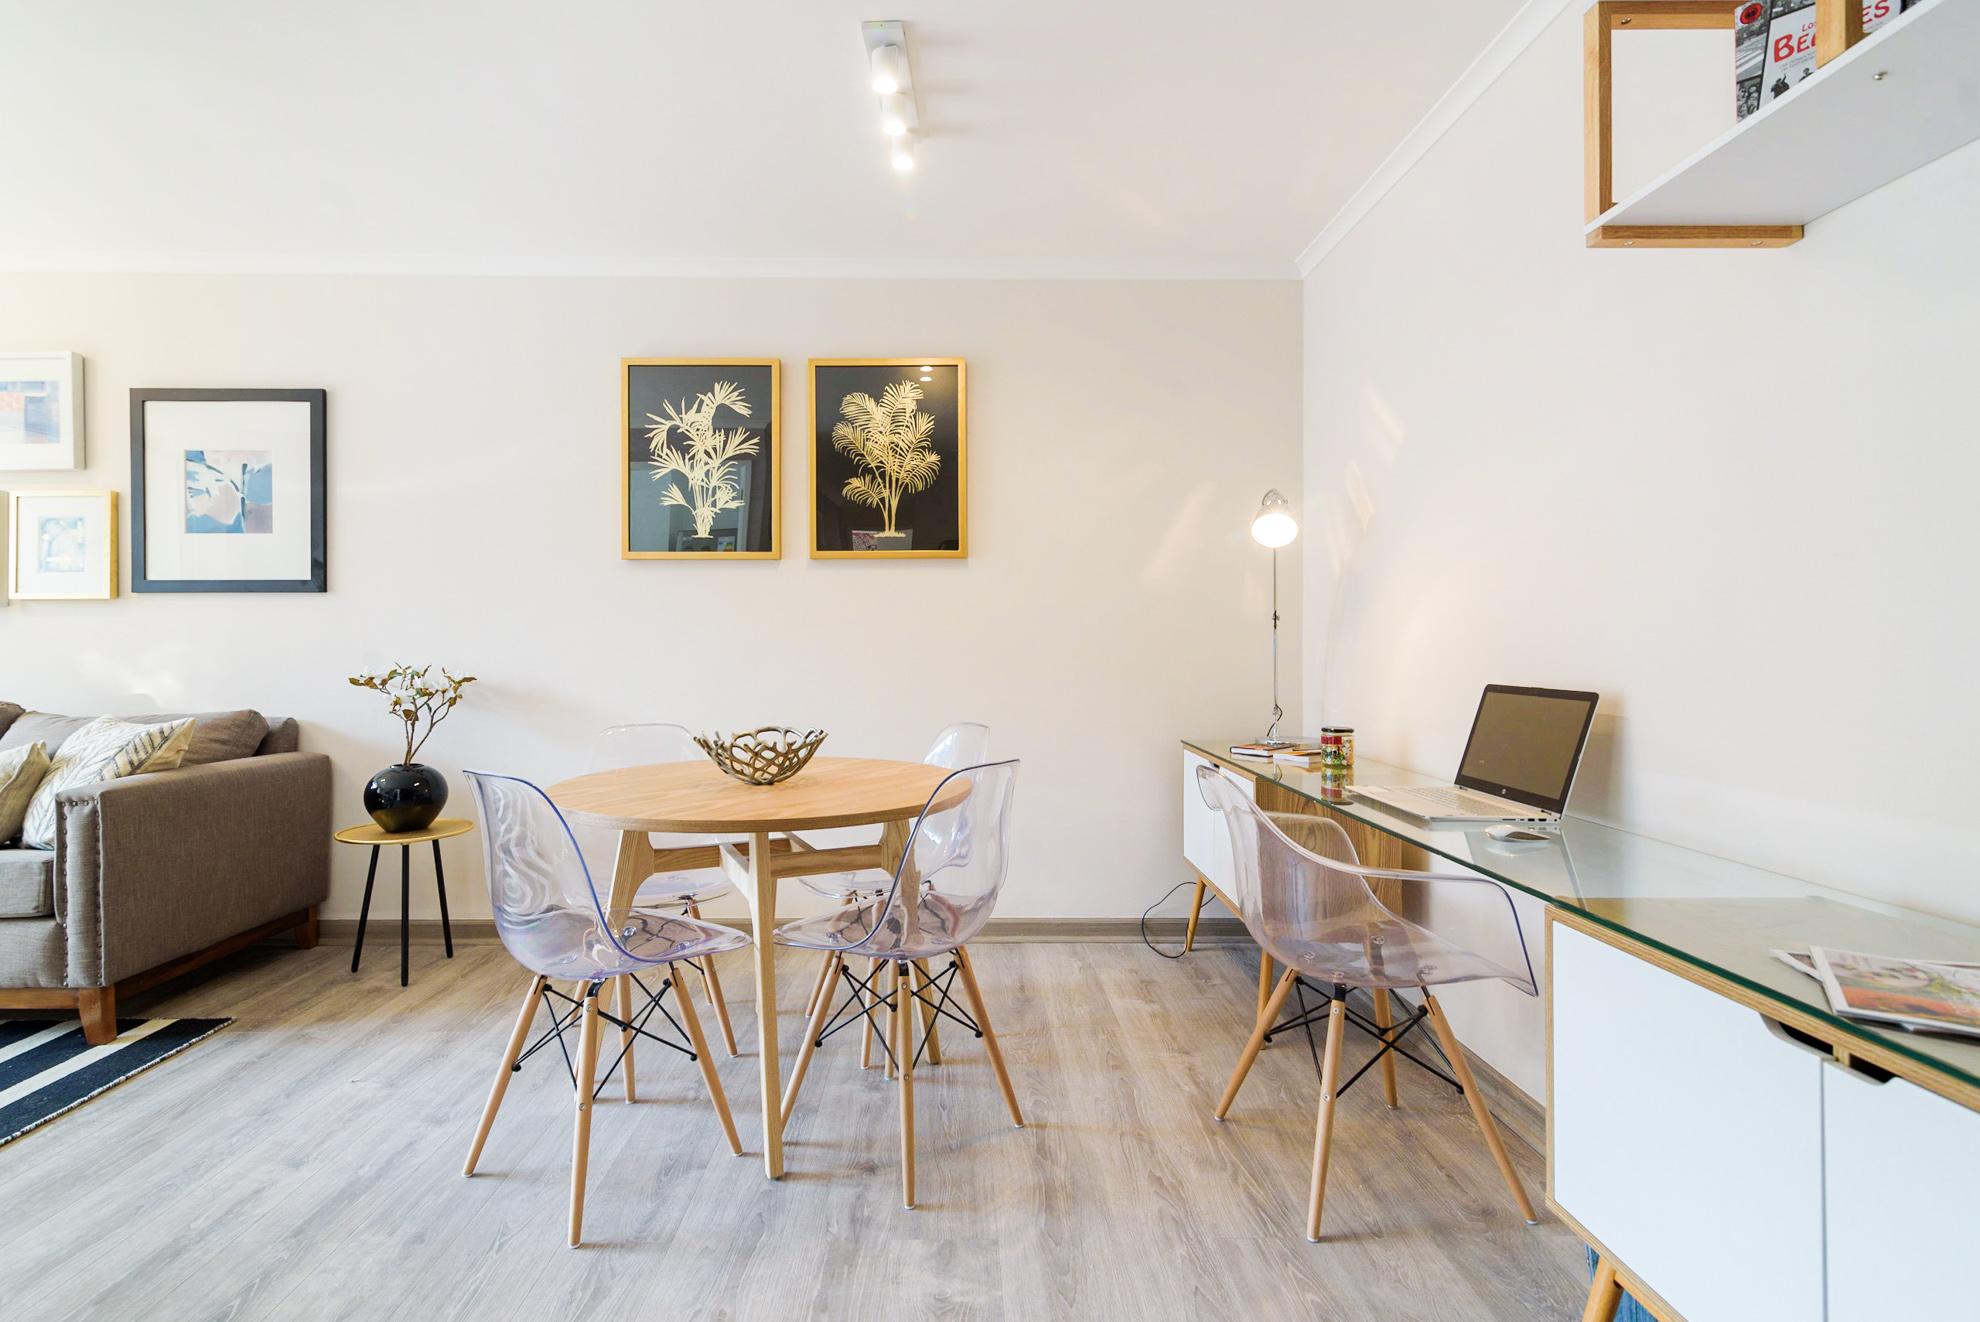 fotografia arquitectura interior-3.jpg